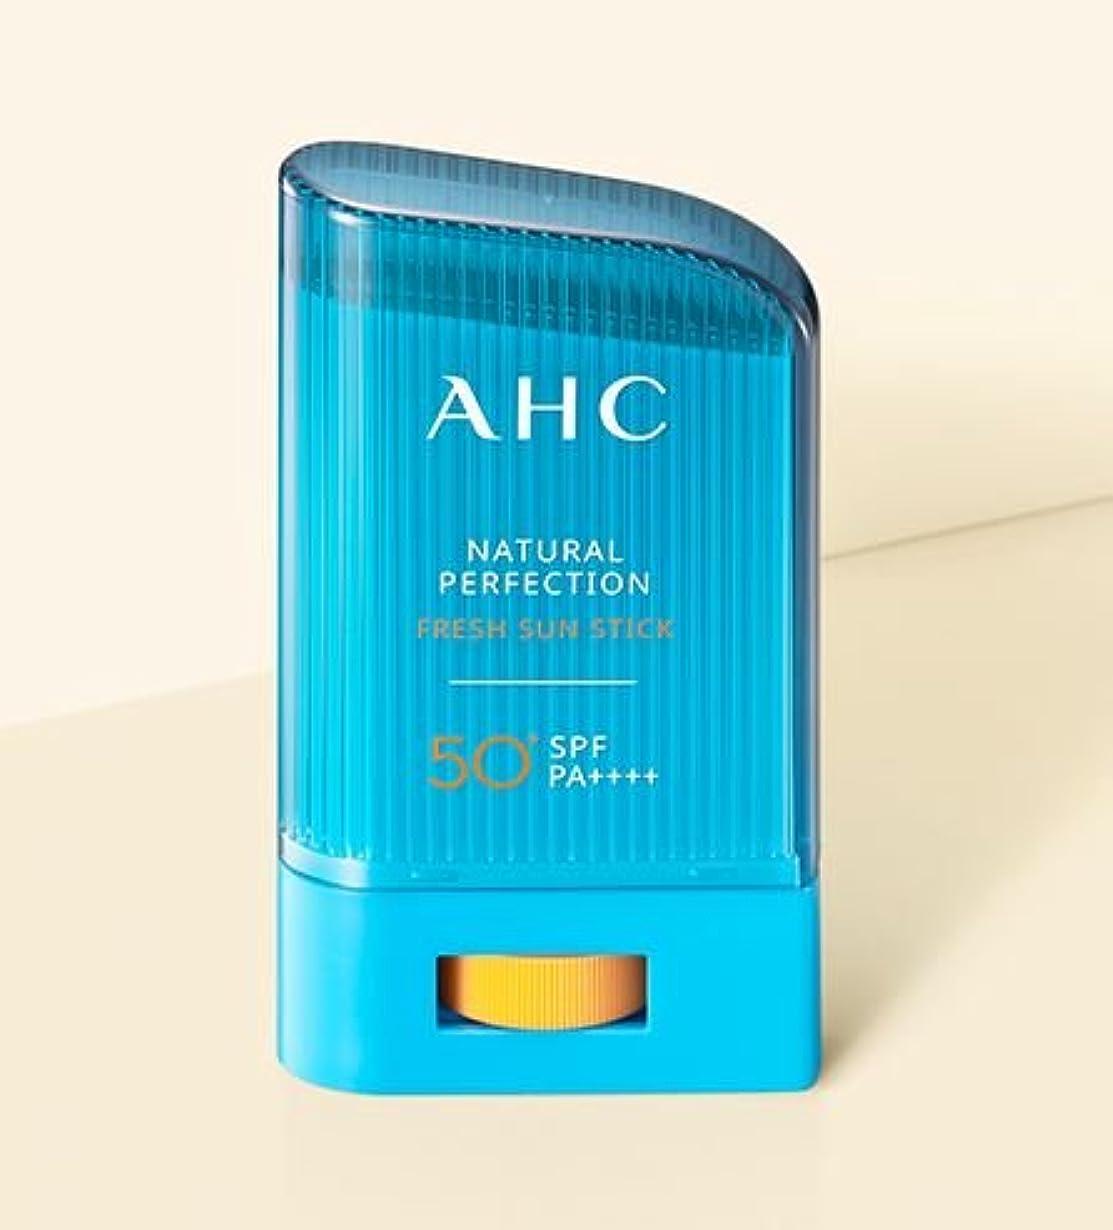 デンプシー否定する無力AHC Natural perfection fresh sun stick (22g) [並行輸入品]